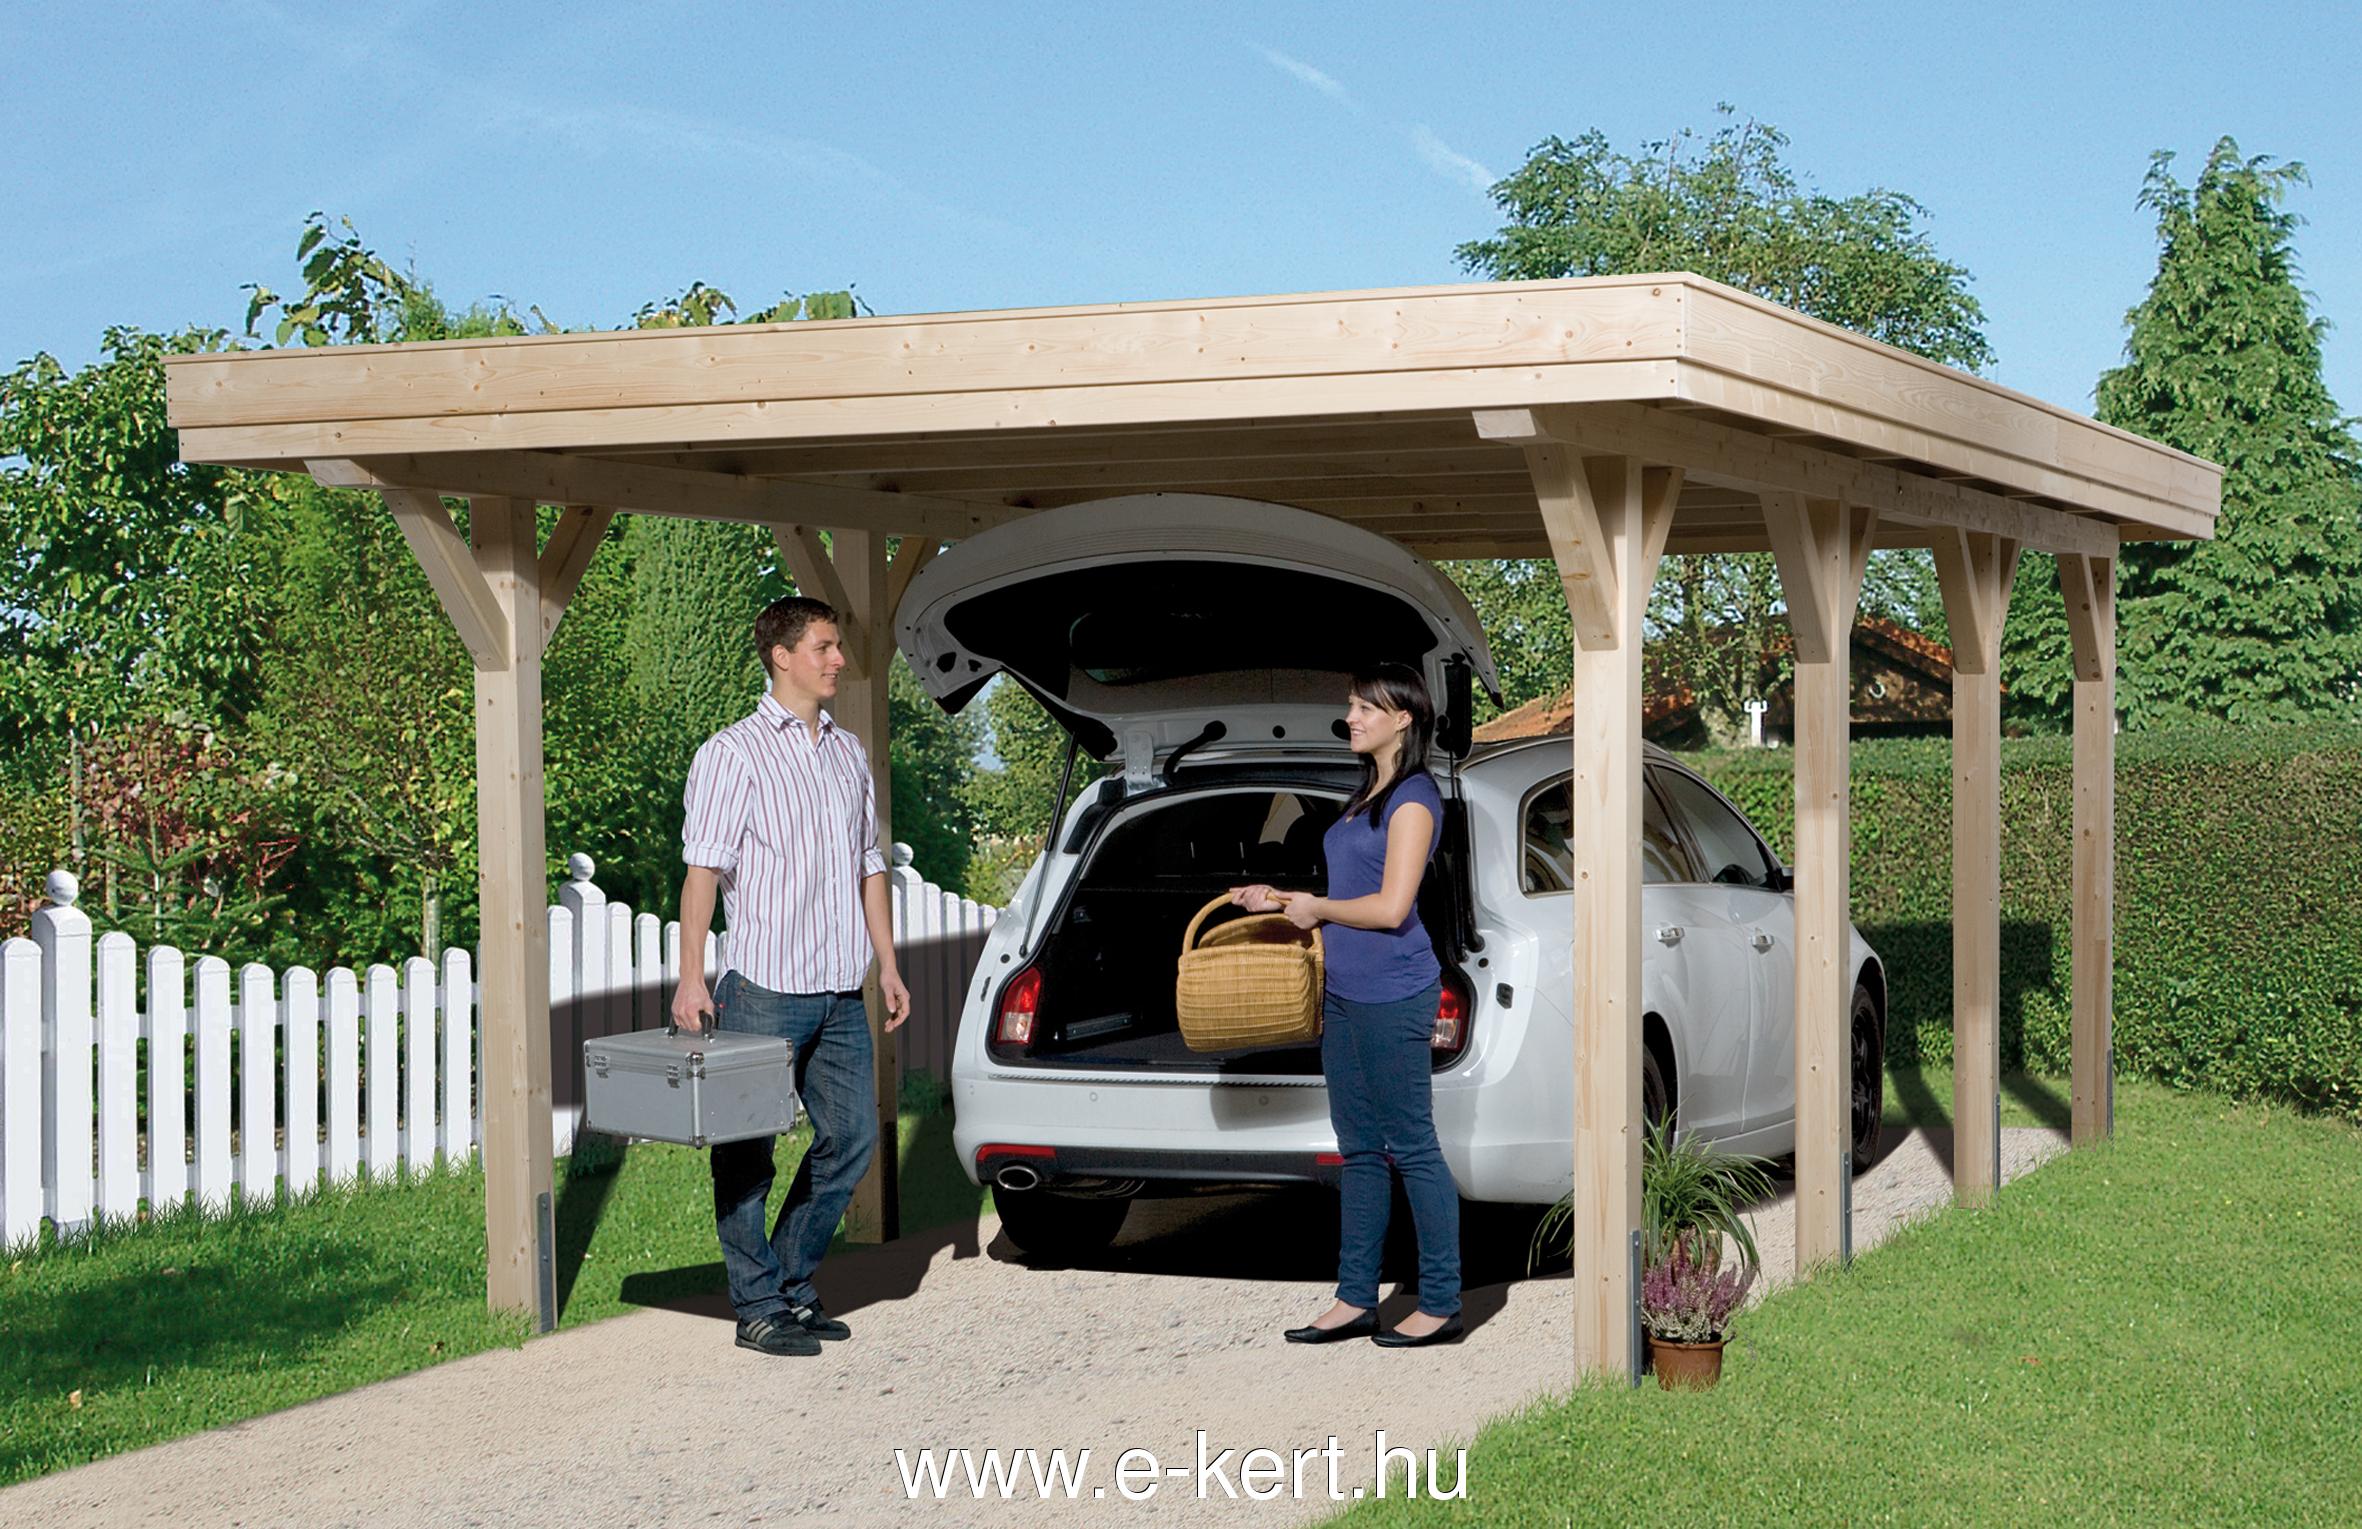 Nyitott garázs készre szerelve, acéllemez tetővel